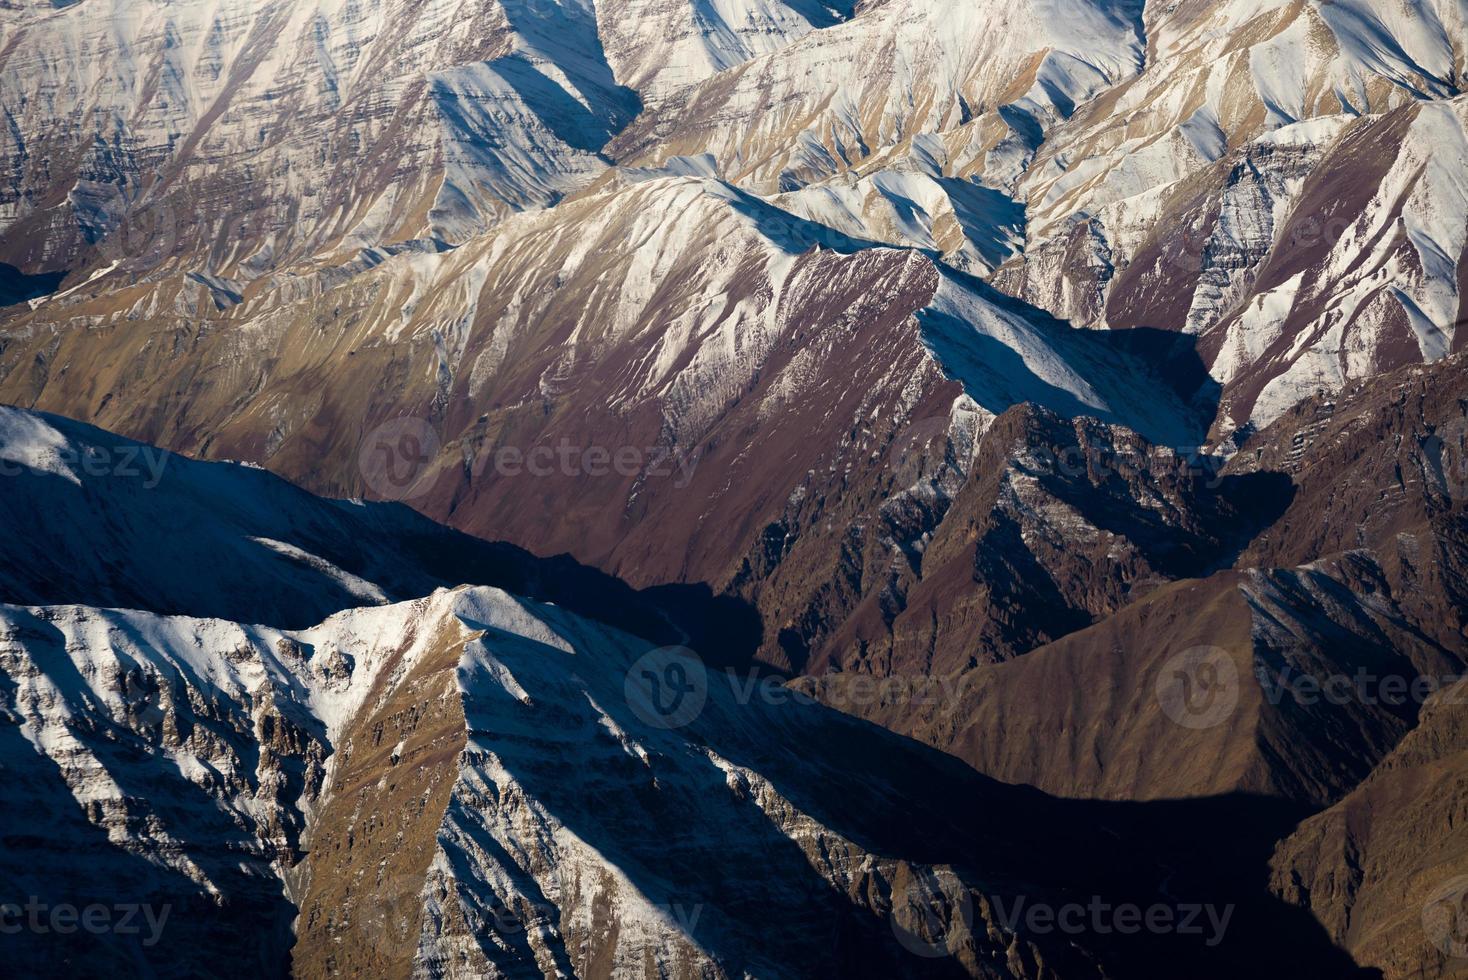 snow capped mountain range photo